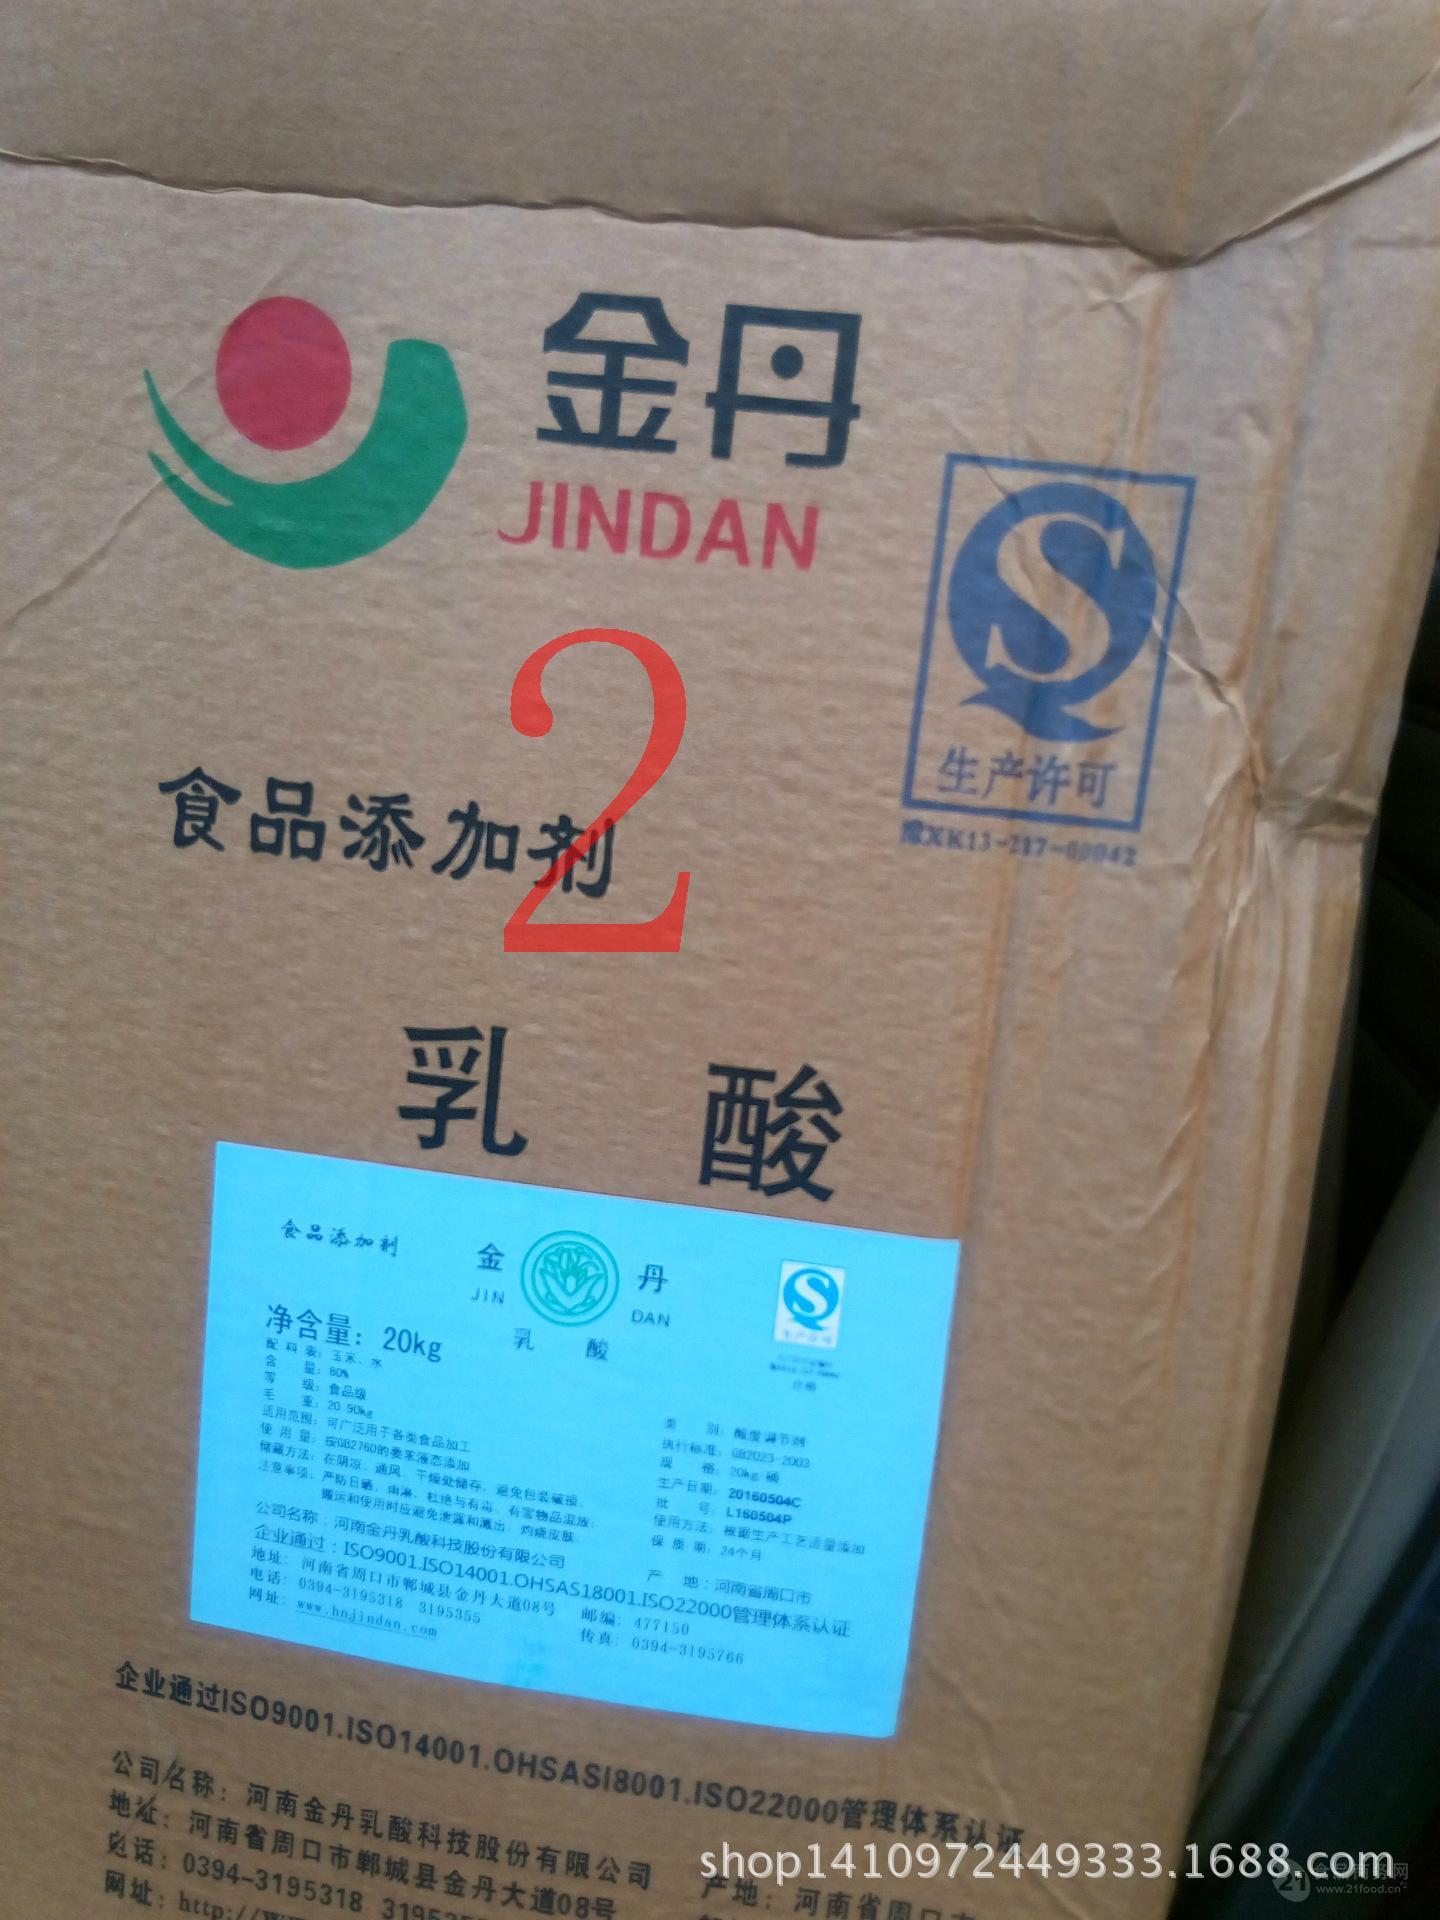 80%乳酸食品级 可零售 乳酸 金丹 河南 食品添加剂 现货